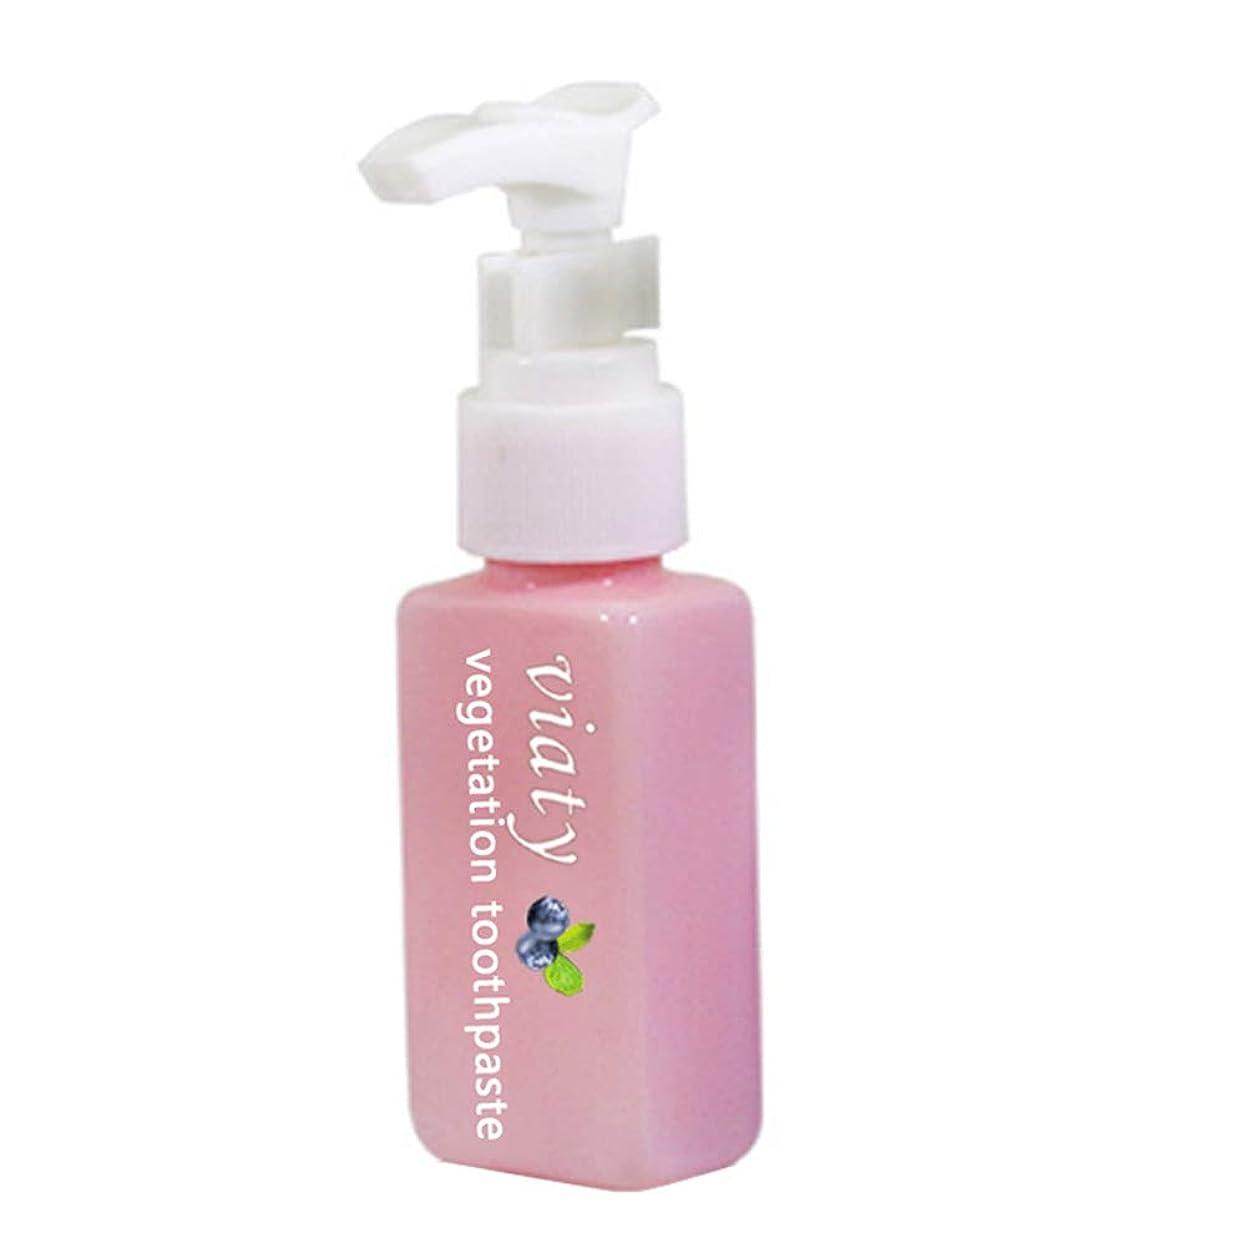 好み王女フェンスJuSop歯磨き粉アンチブリードガムプレスタイプ新鮮な歯磨き粉を白くする汚れ除去剤